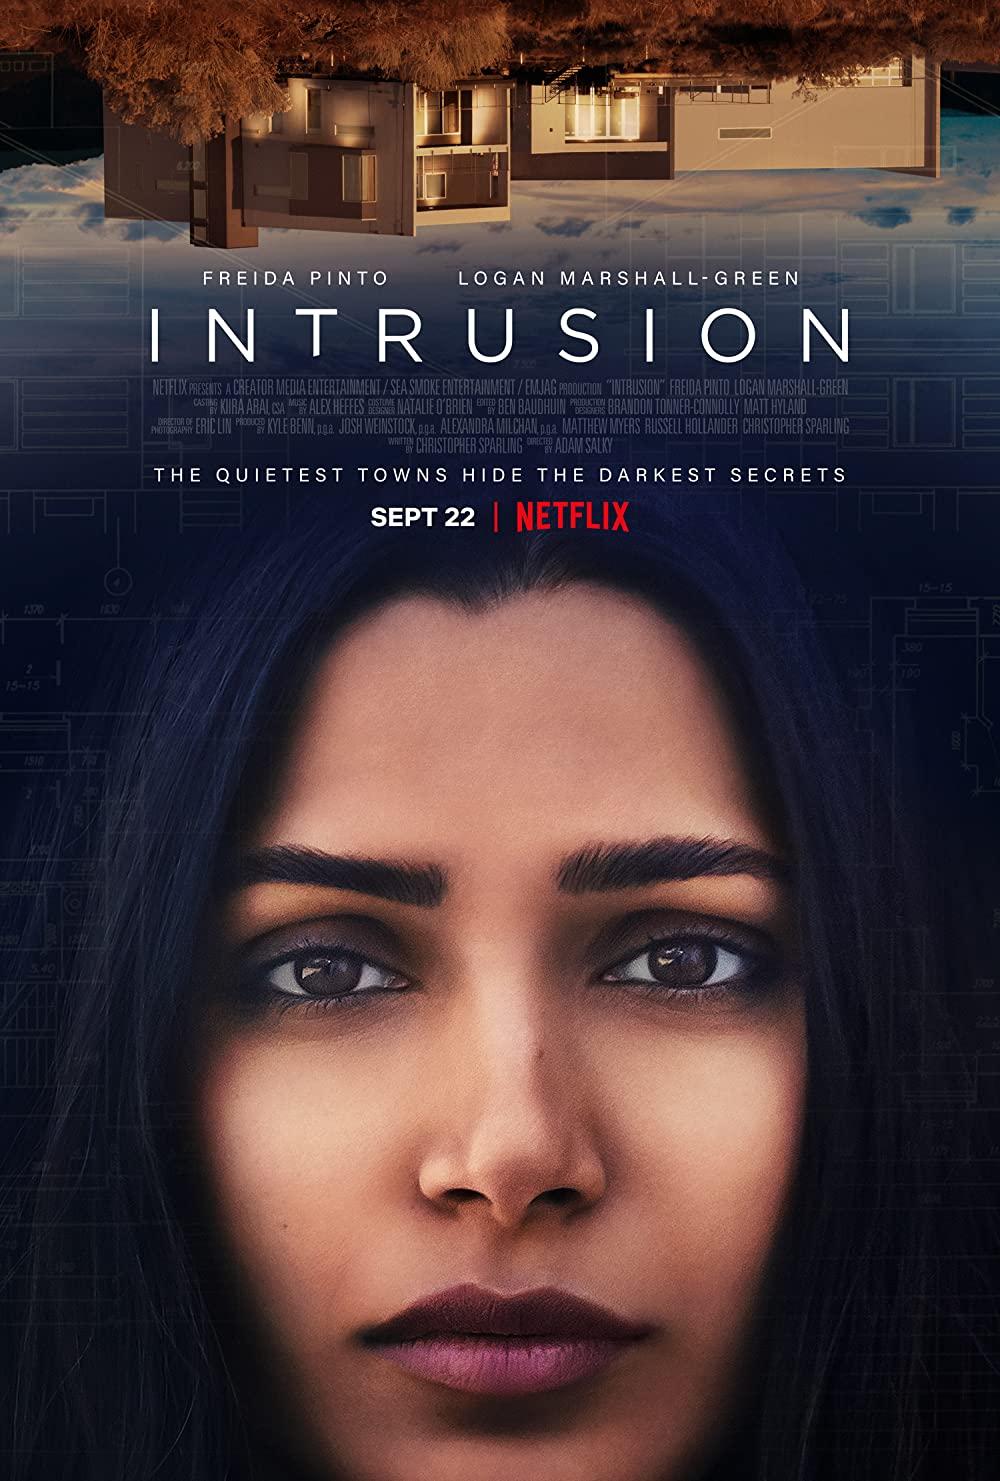 Intrusion cast